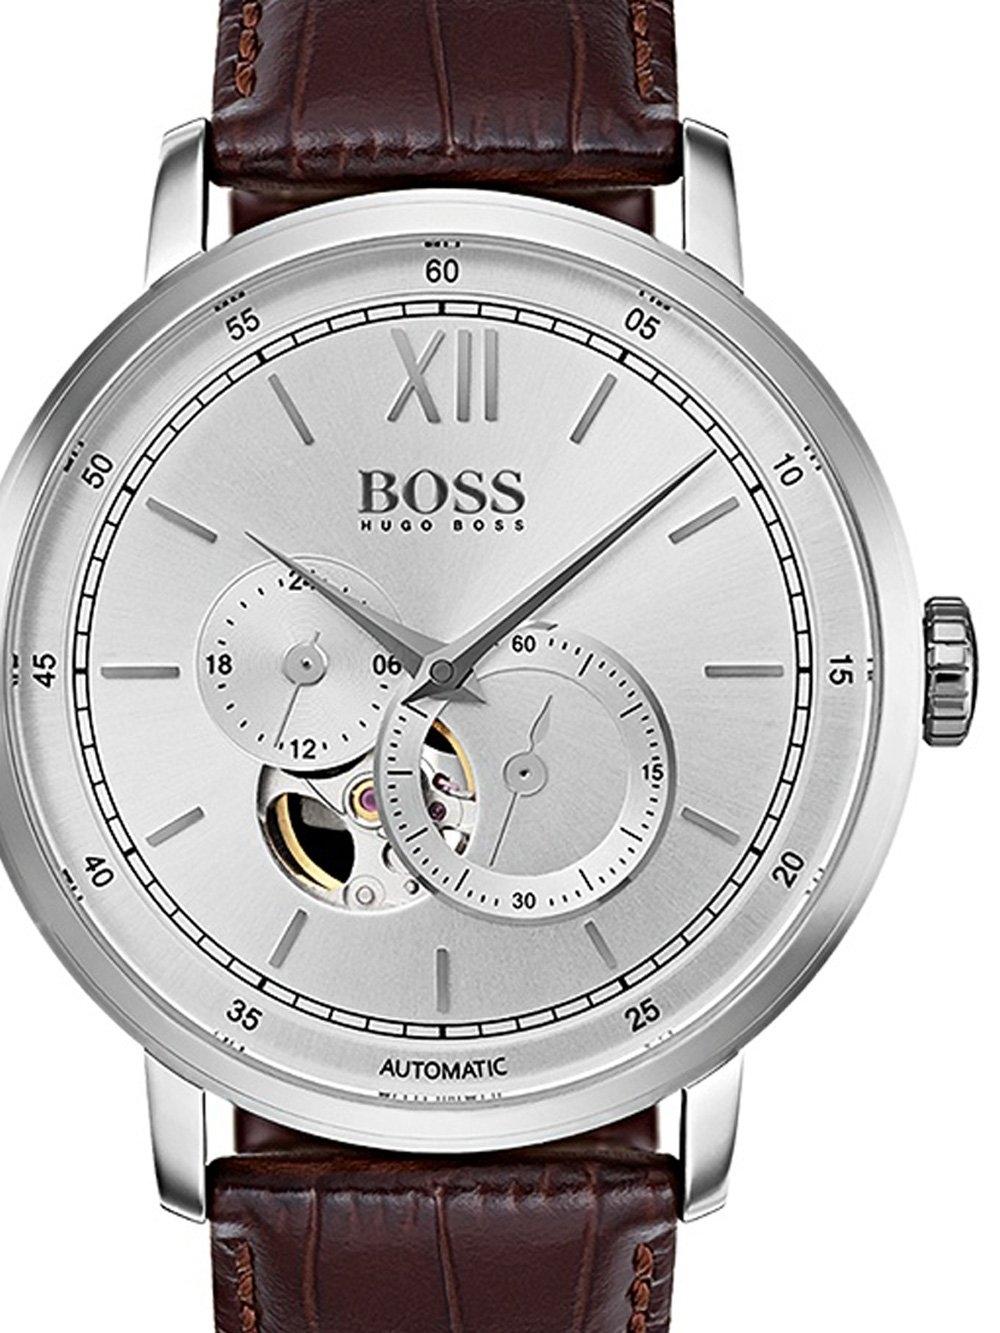 ceas barbatesc boss 1513505 signature timepiece autom. 44mm 5atm